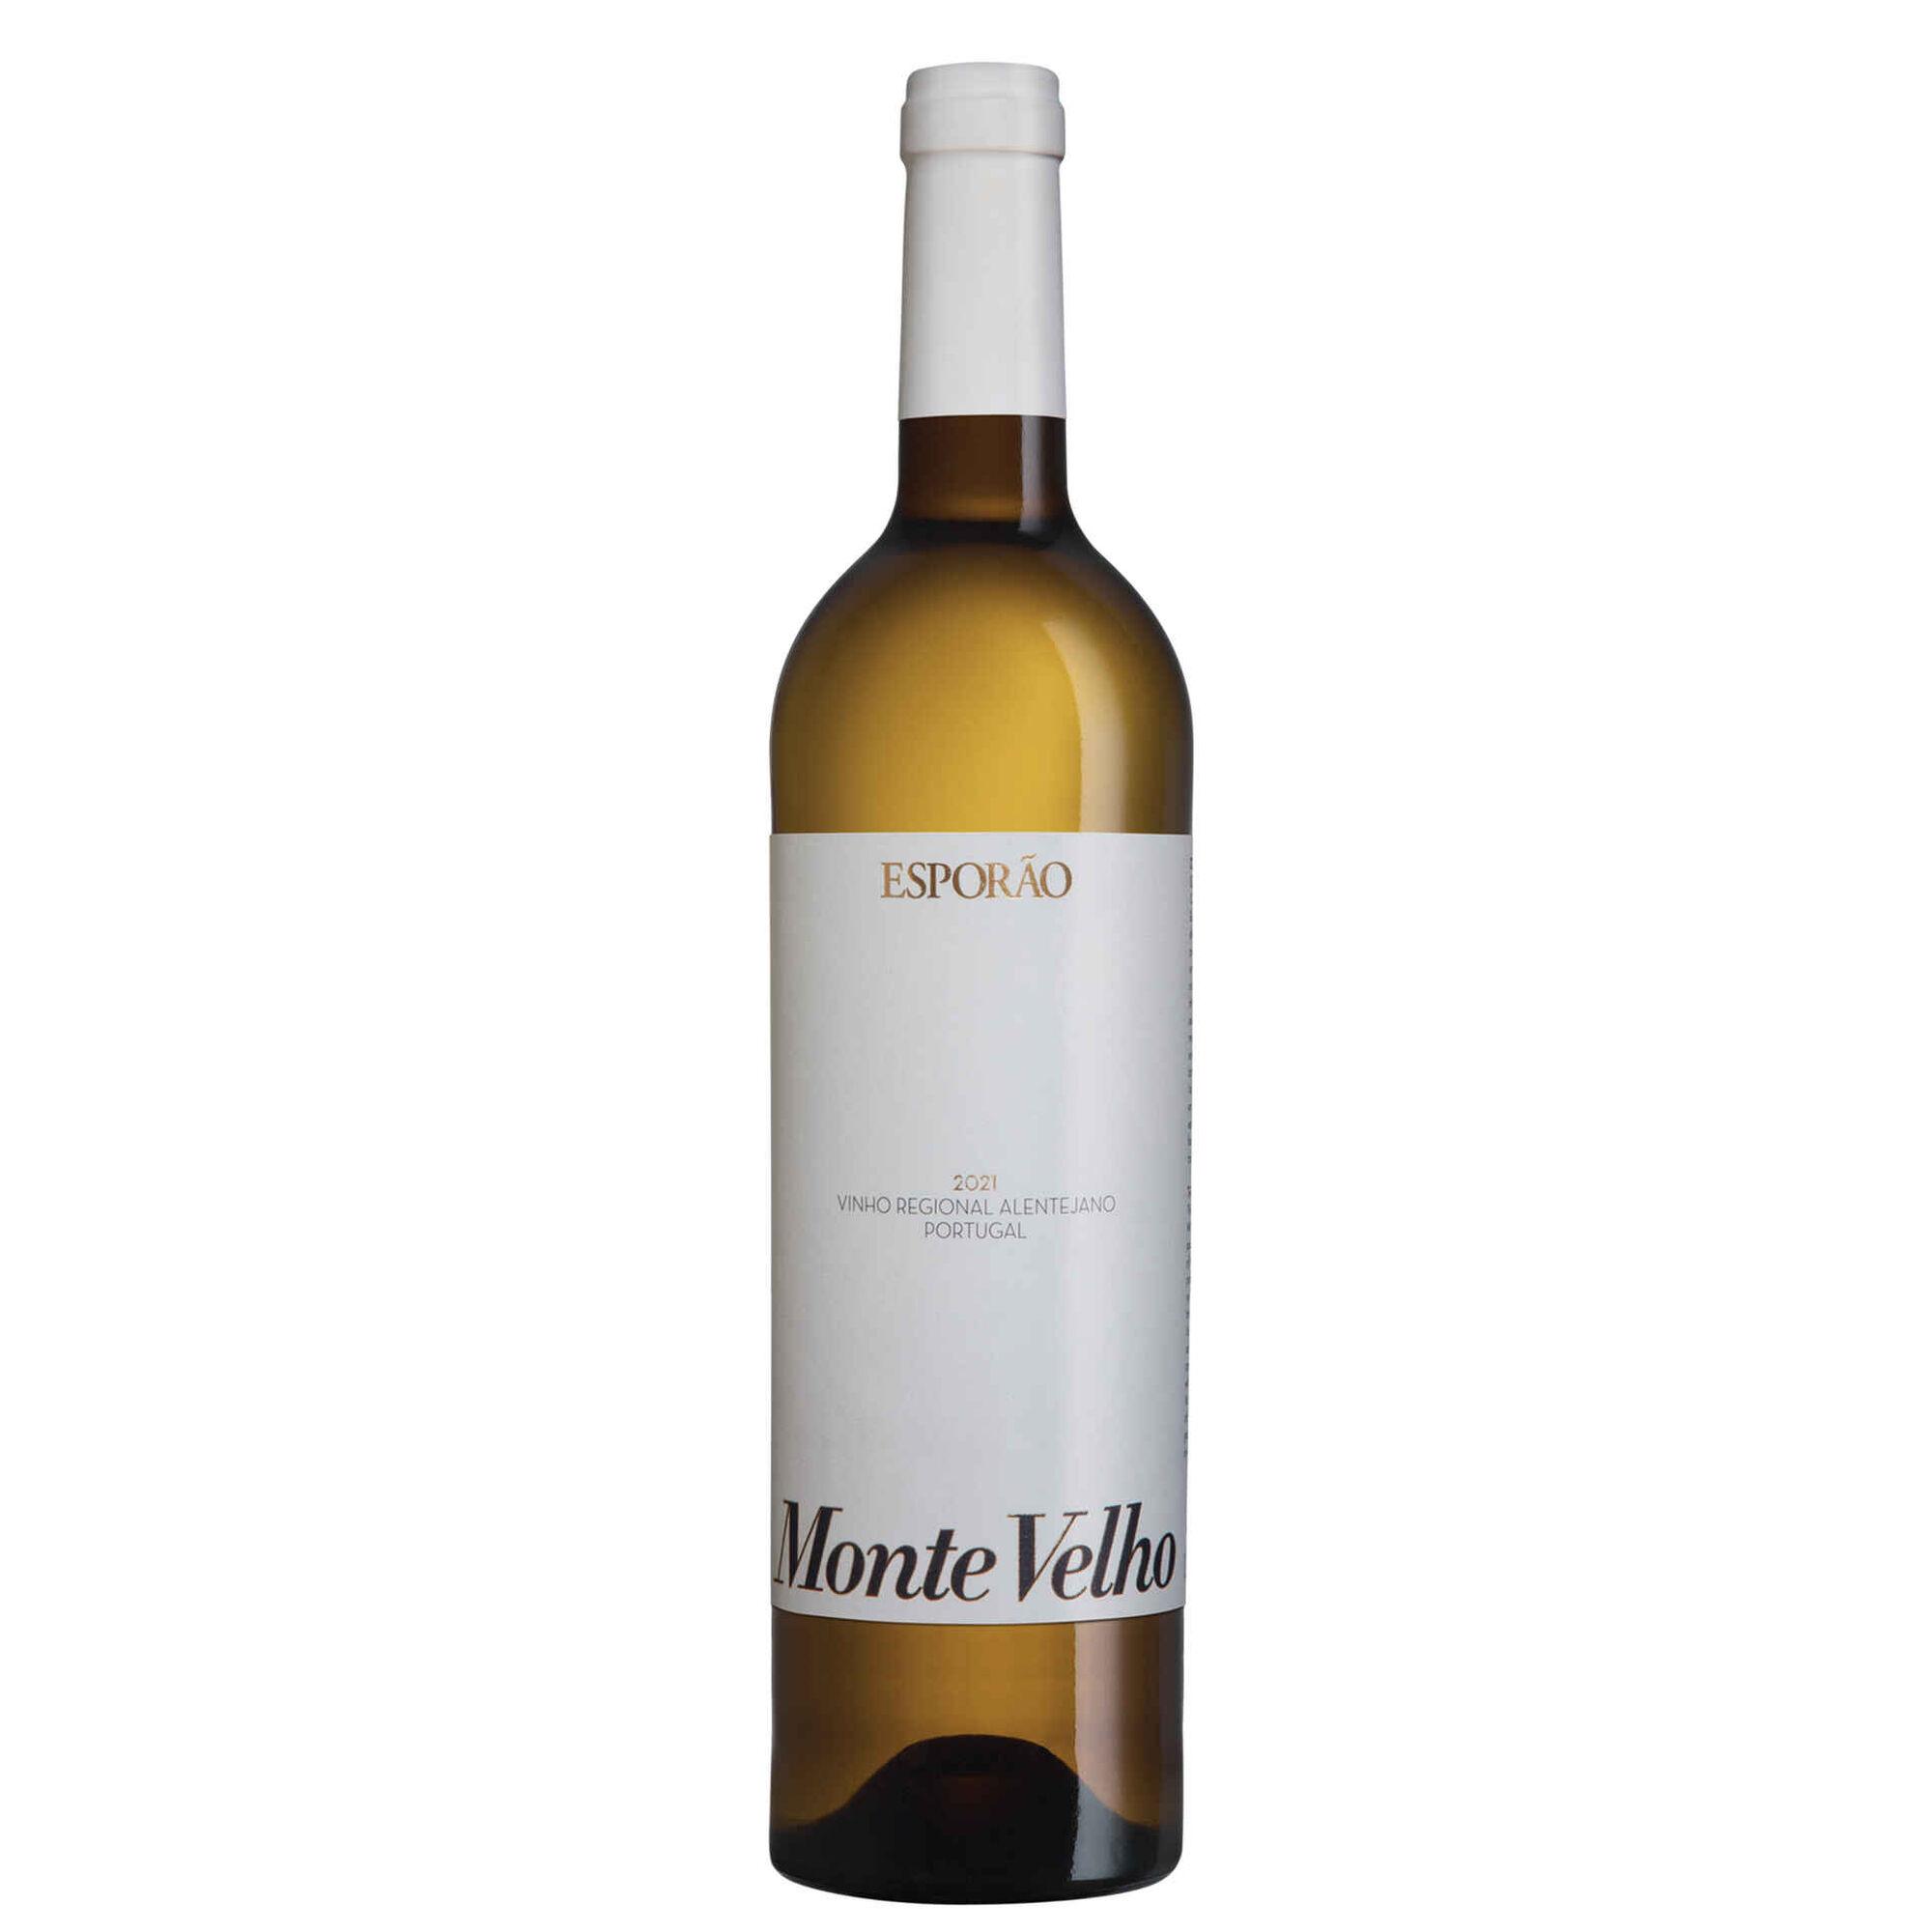 Monte Velho Regional Alentejano Vinho Branco